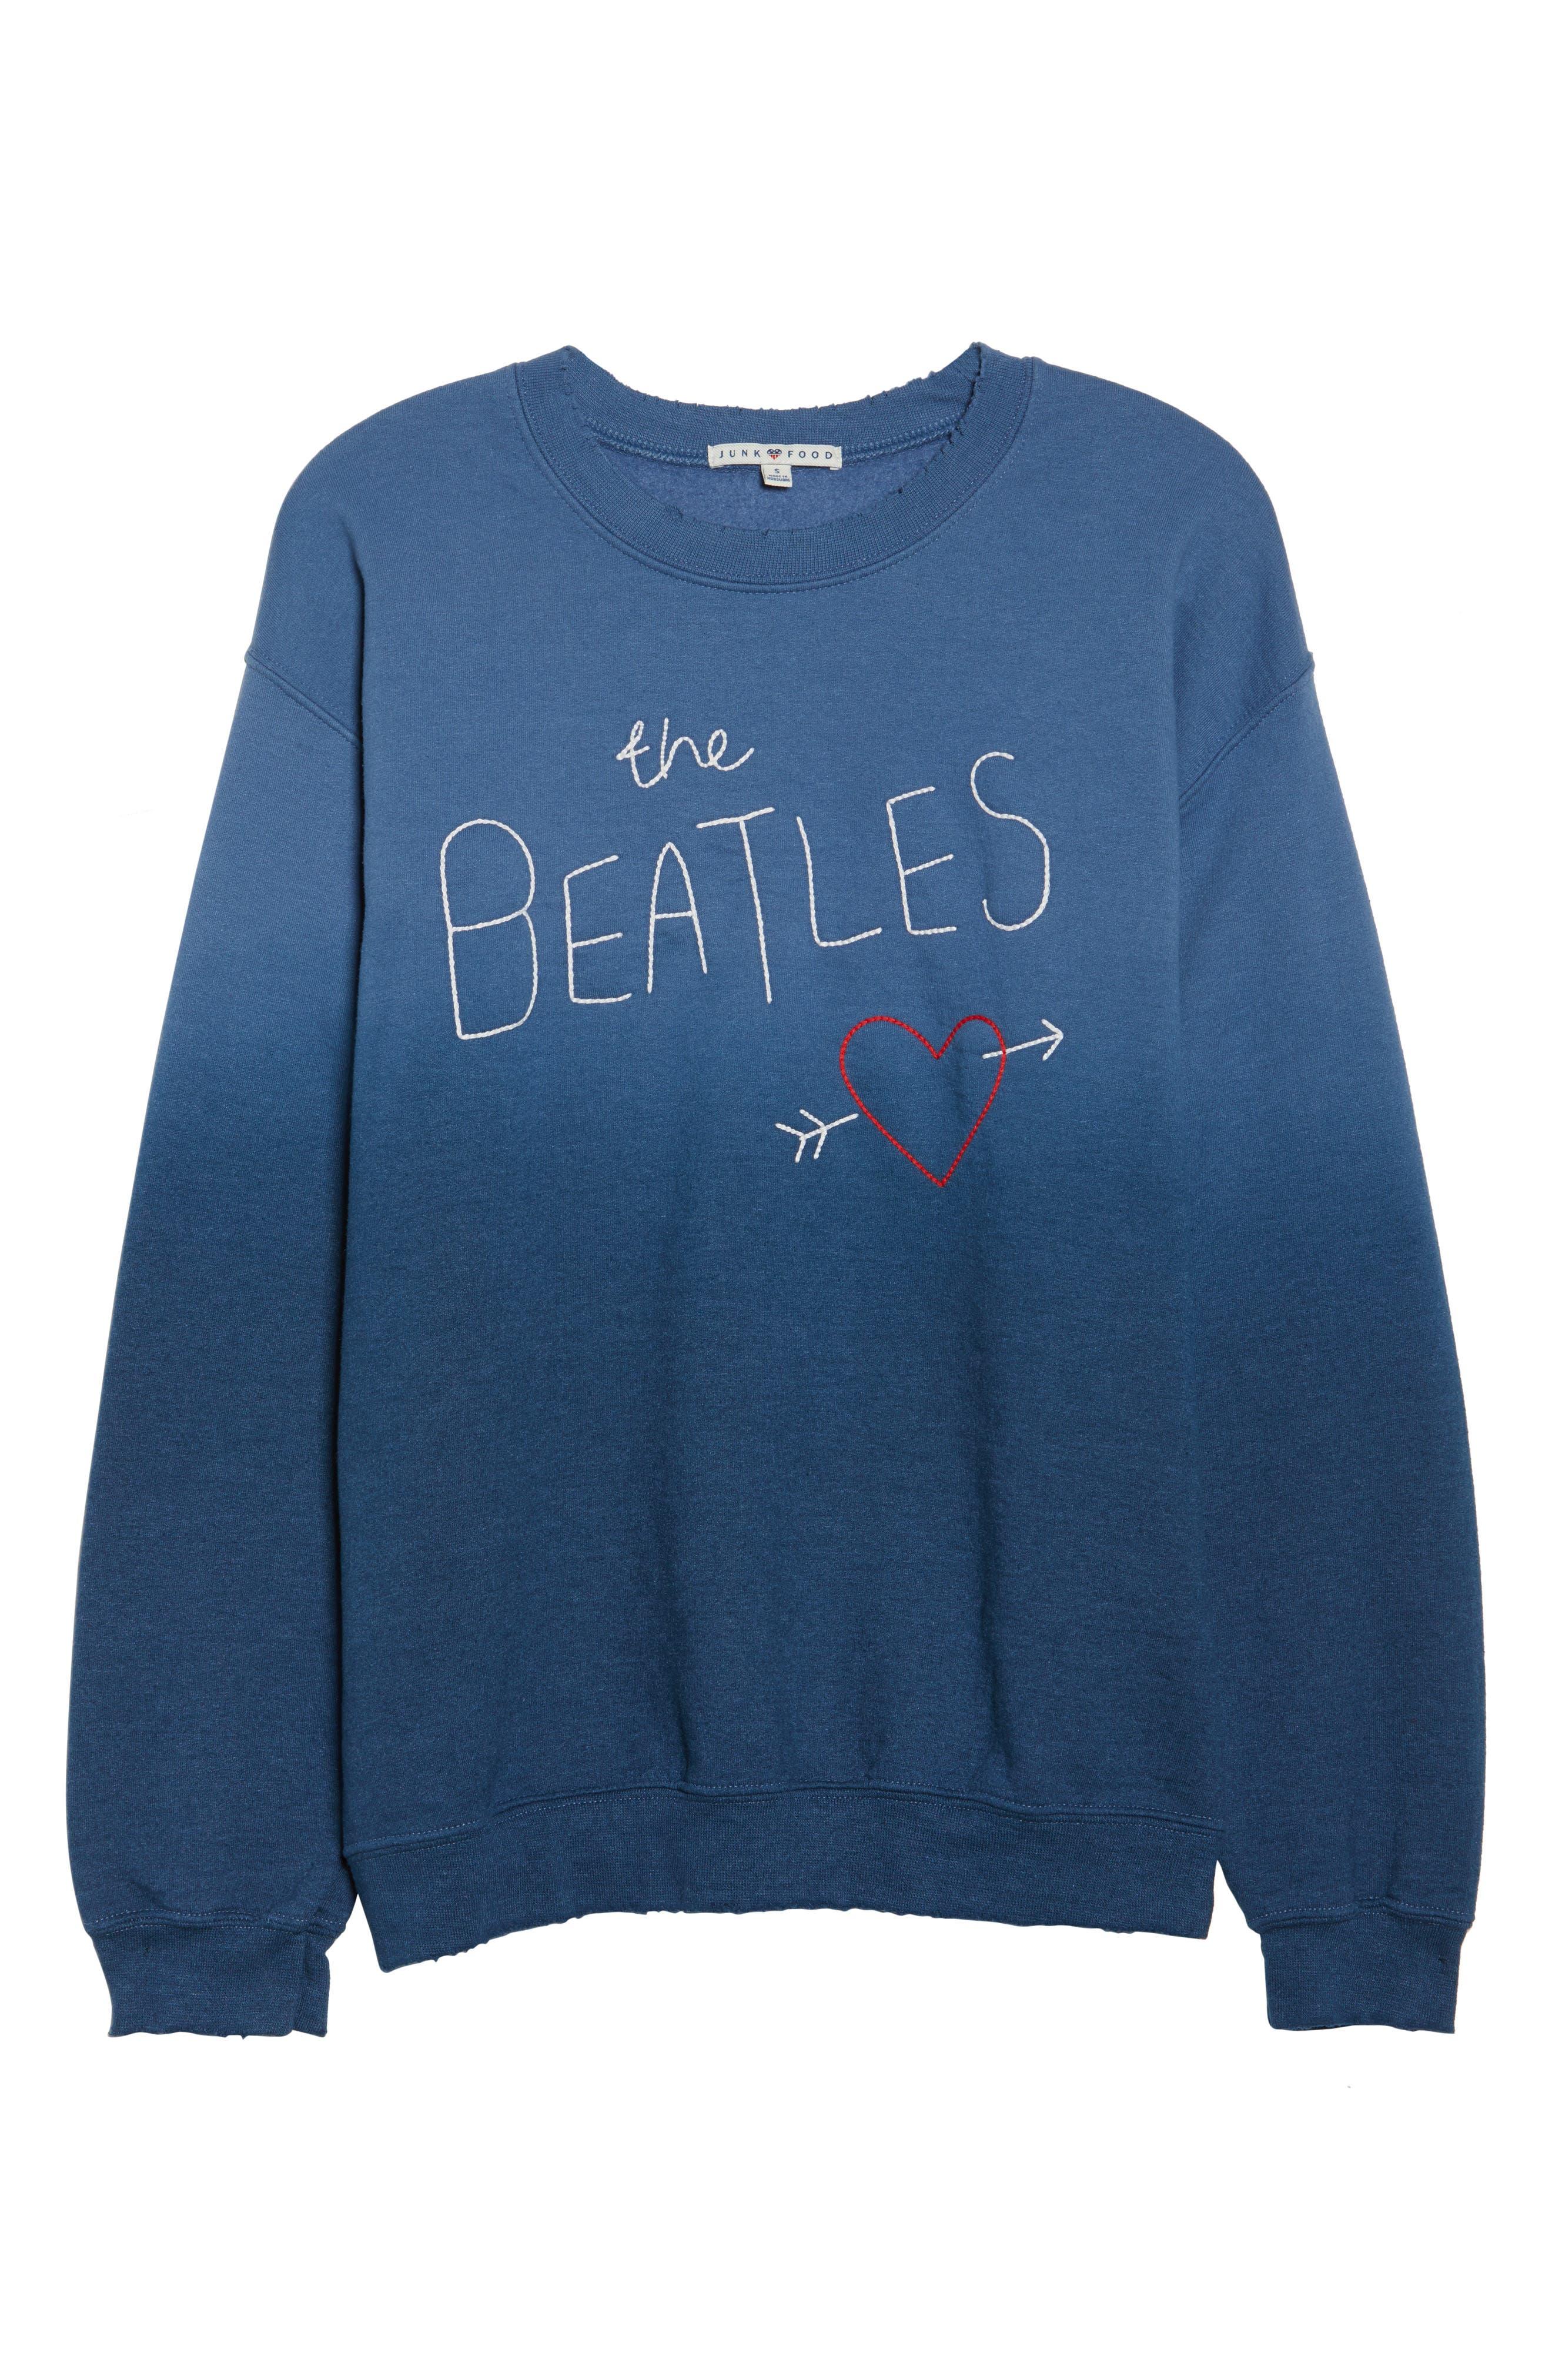 The Beatles Ombré Sweatshirt,                             Alternate thumbnail 6, color,                             410